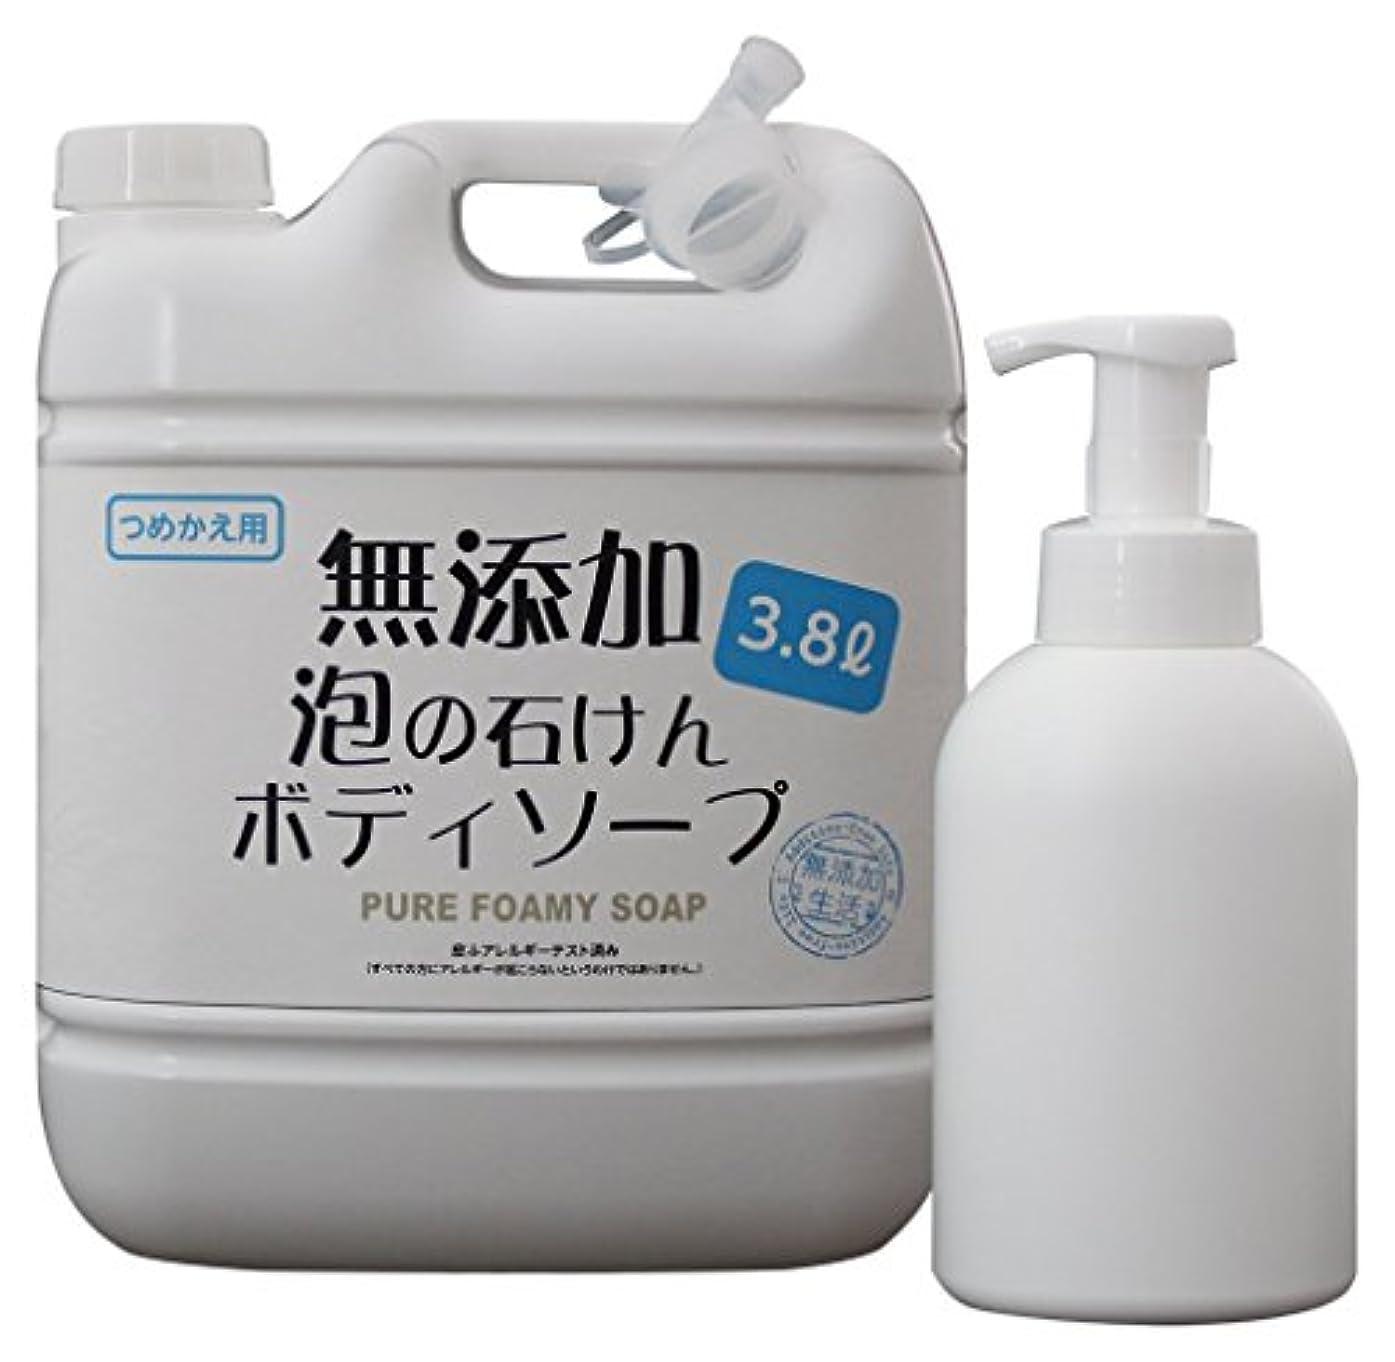 服を洗う教育つぶやき無添加泡の石けんボディソープ3.8L 空ボトル付